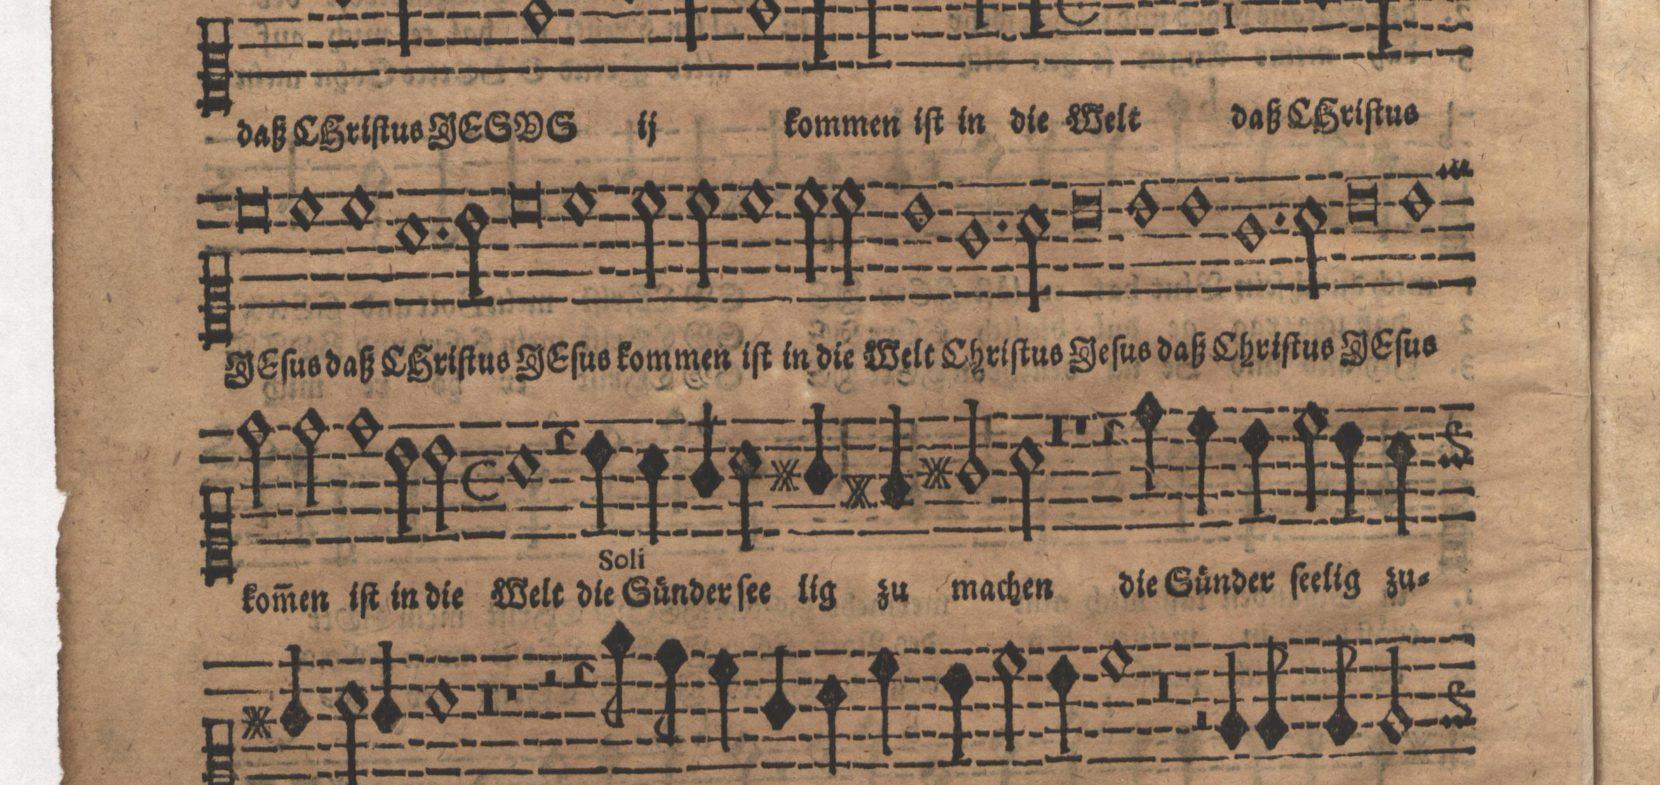 Singt Schütz